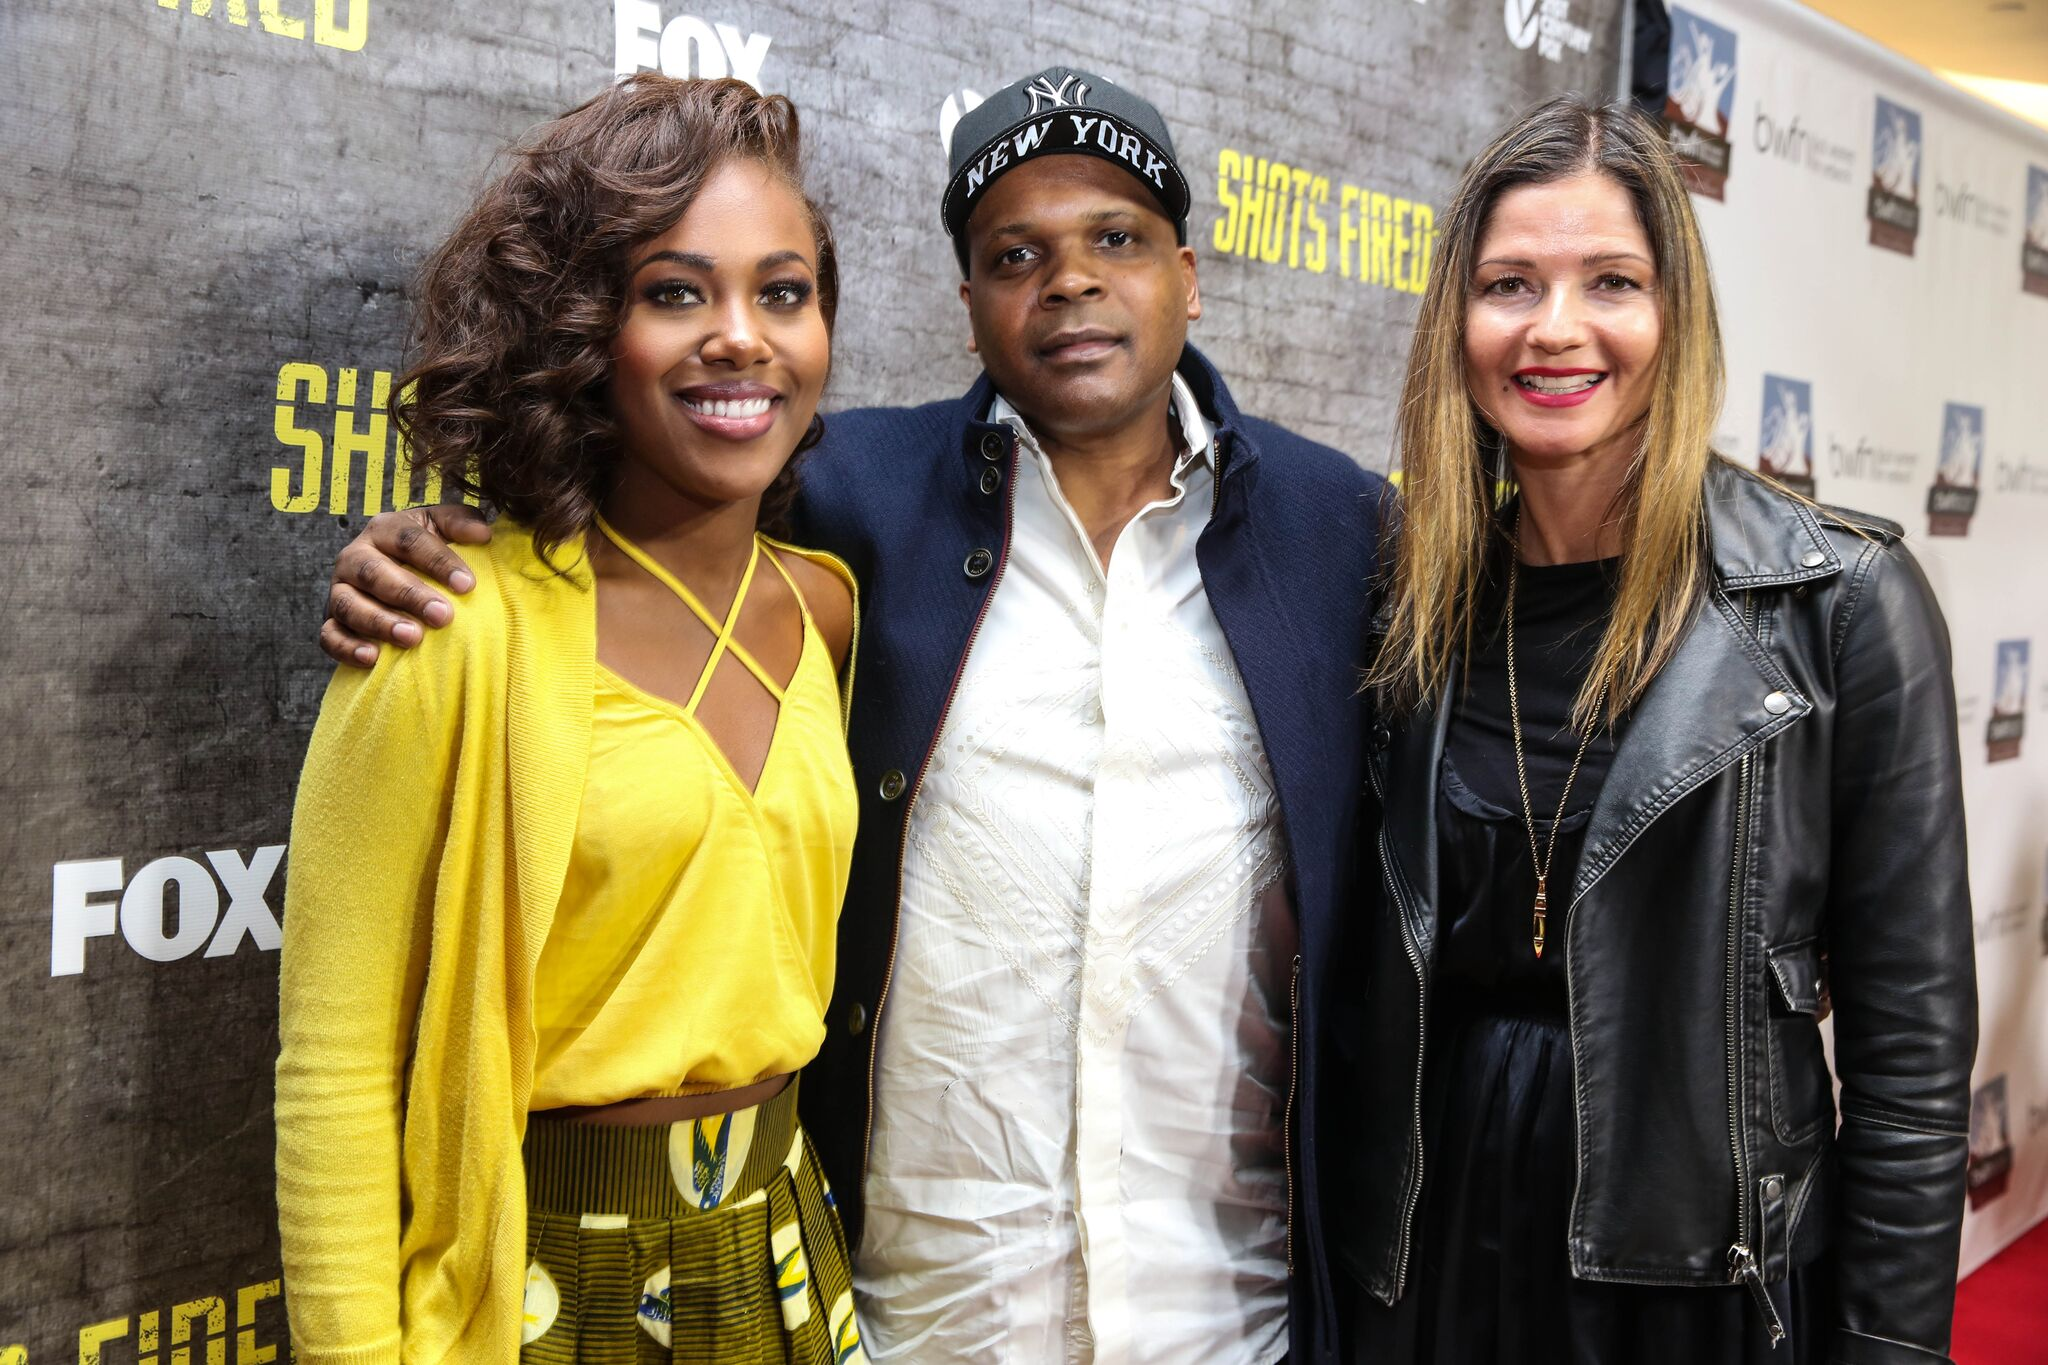 Dewanda Wise, Reggie Bythewood and Jill Hennessy